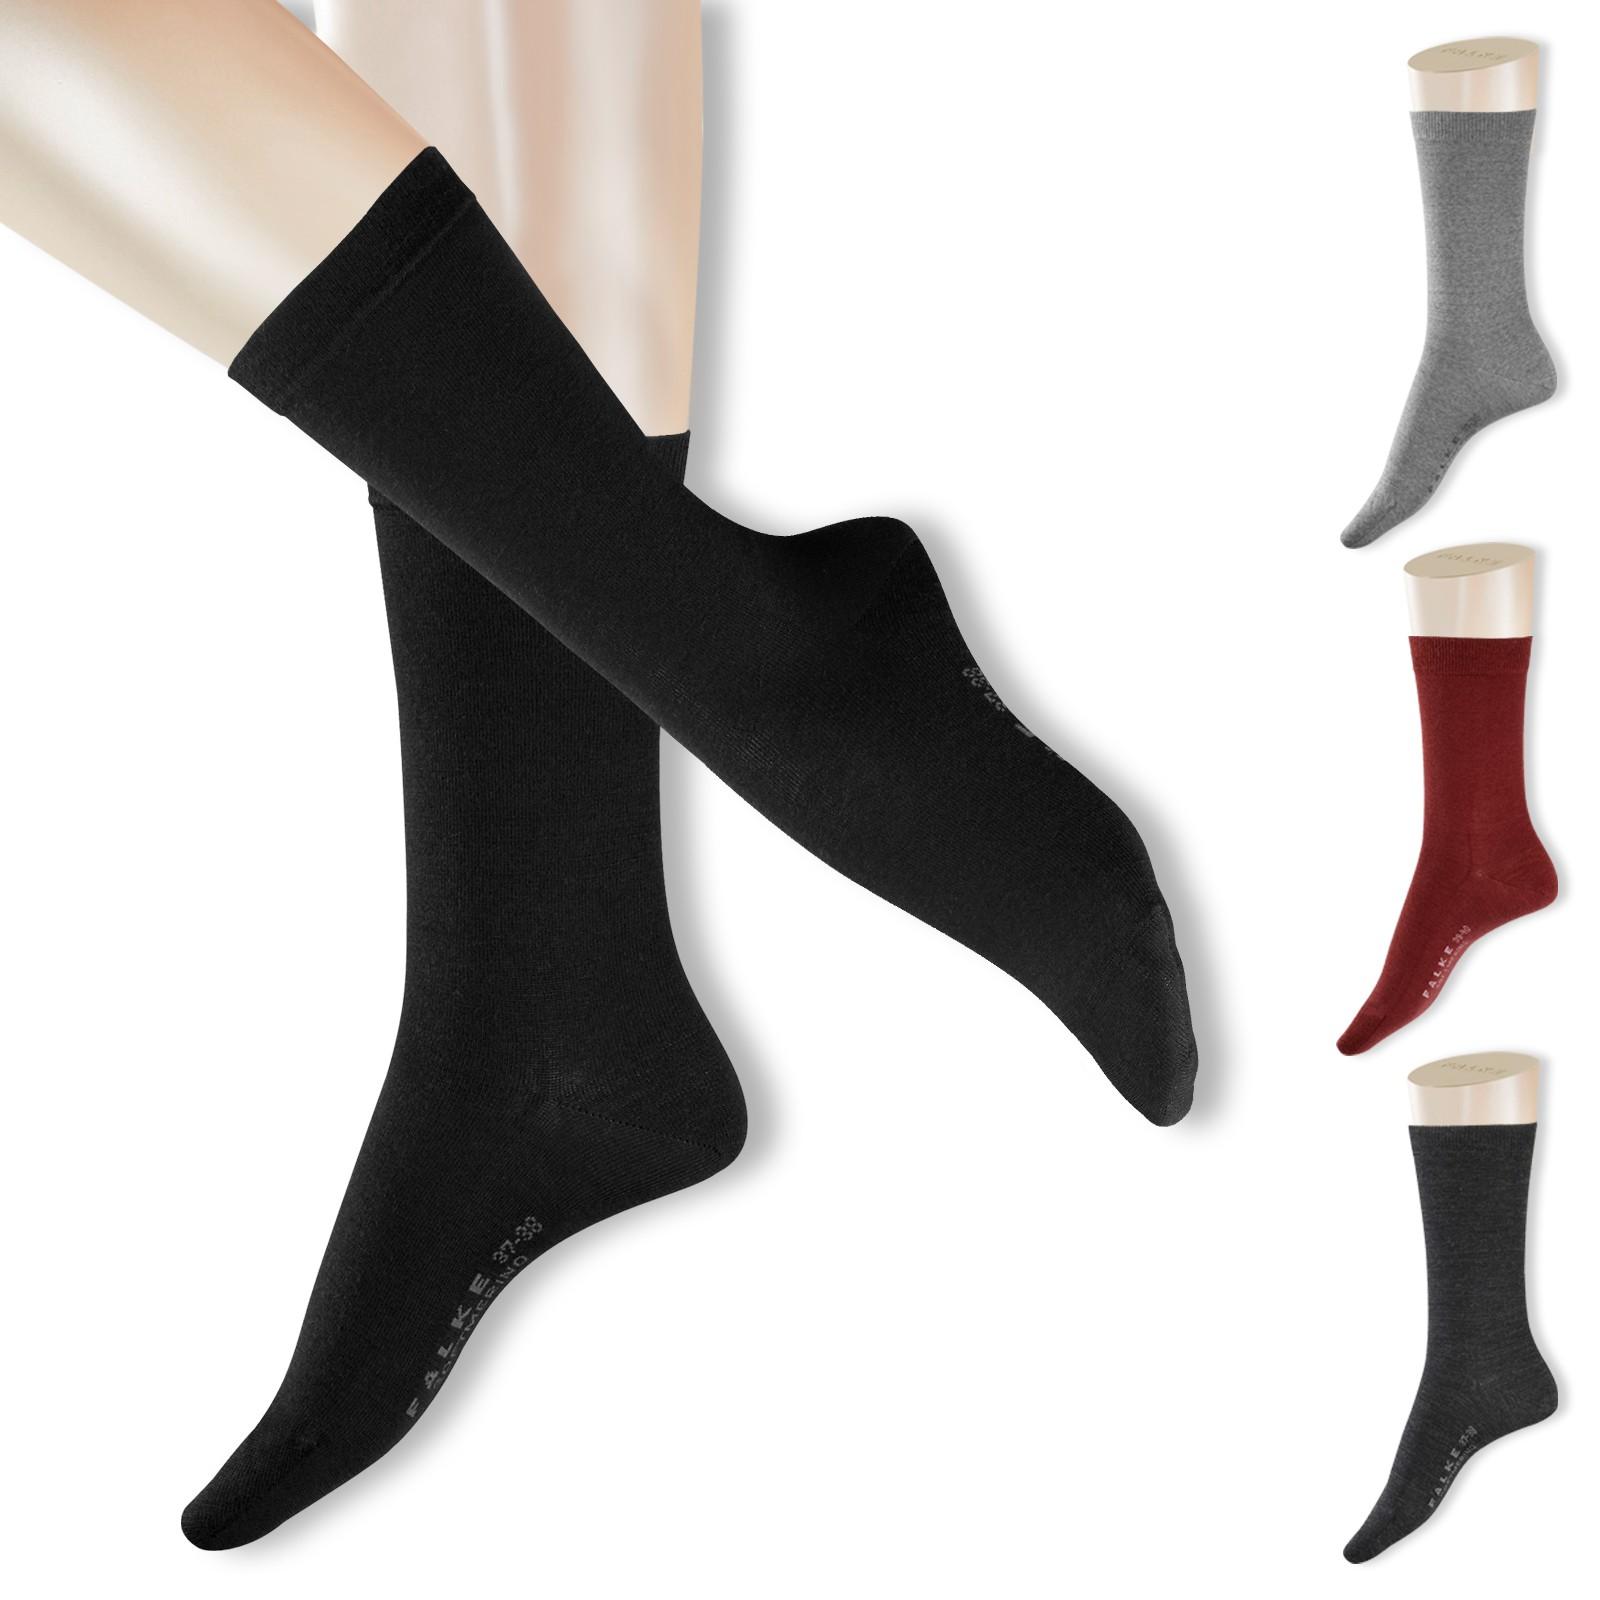 FALKE Softmerino Damen Socken Strümpfe 47488 in garnet